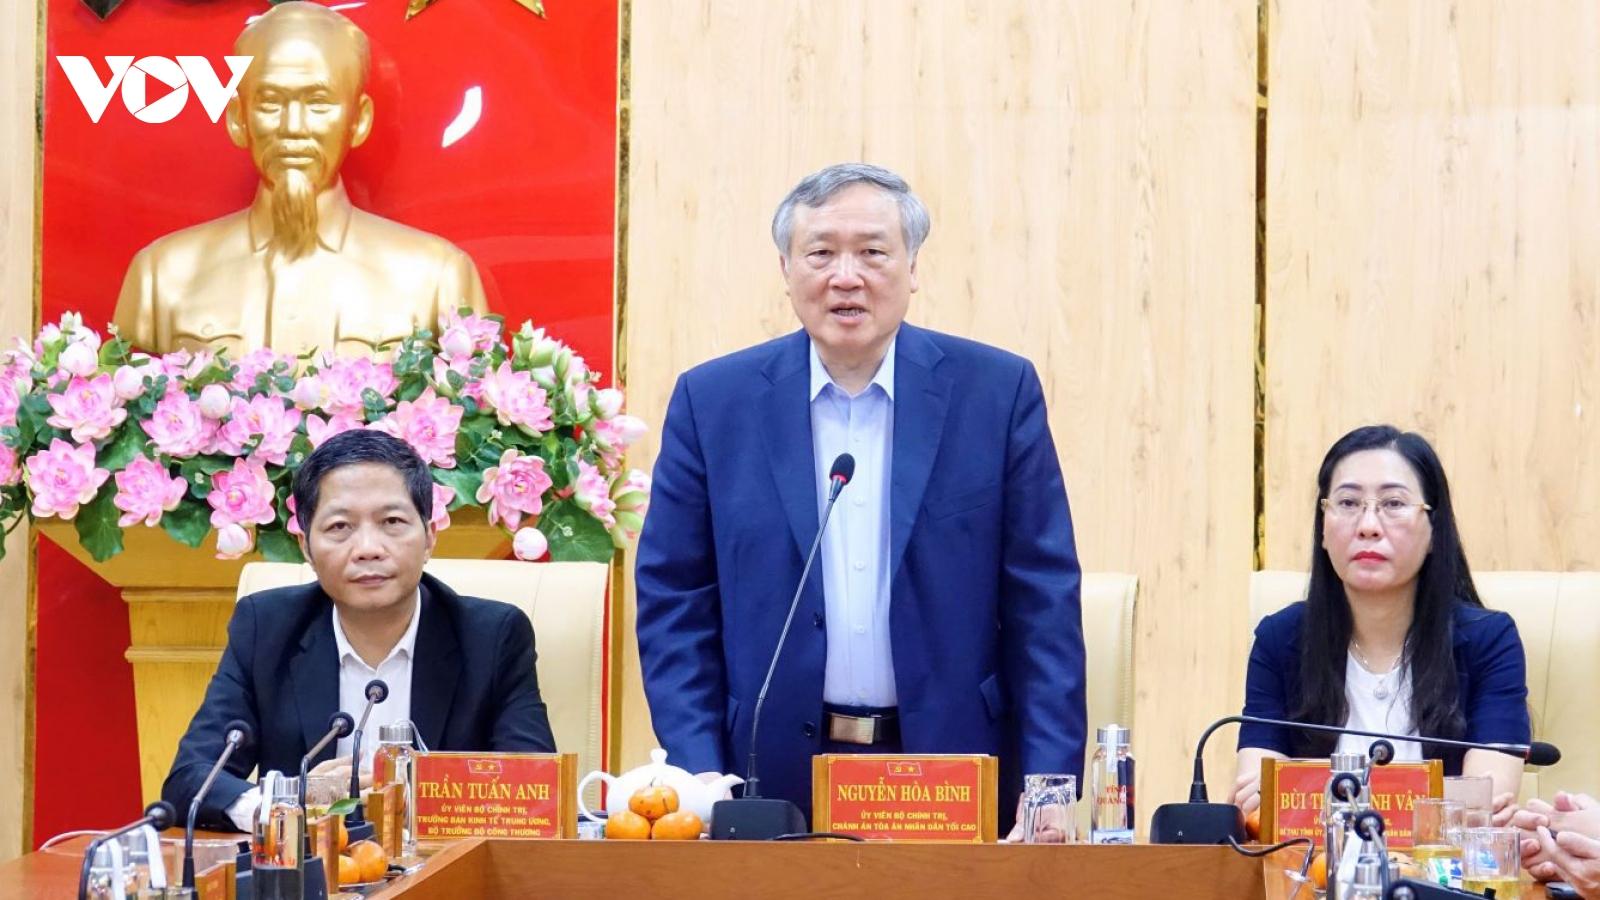 Ông Nguyễn Hòa Bình, Trần Tuấn Anh chúc Tết Đảng bộ,nhân dân Quảng Ngãi